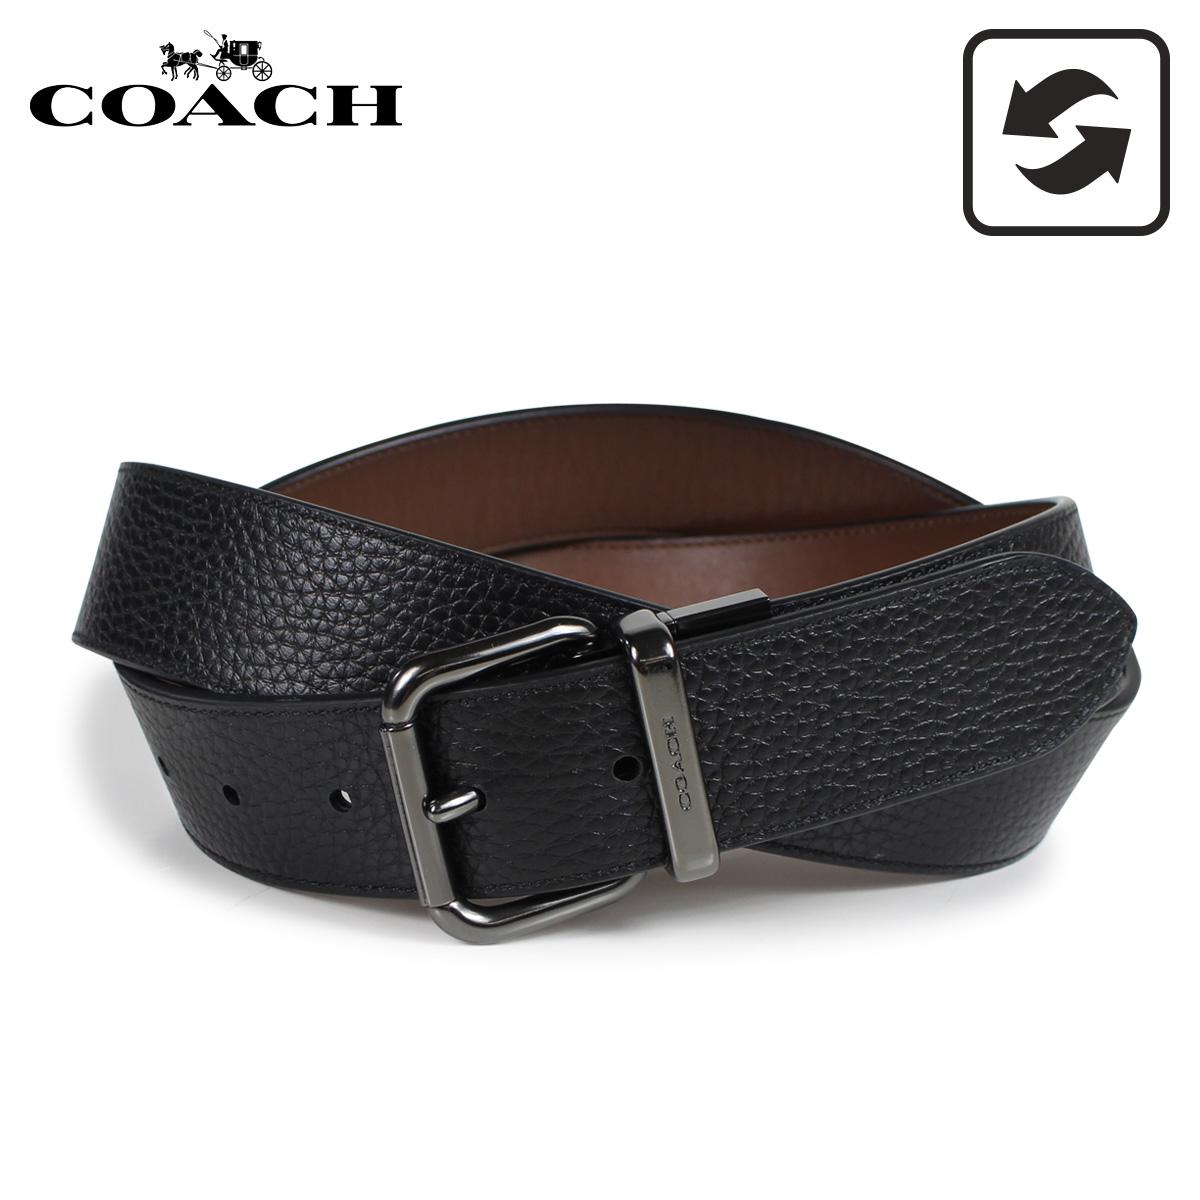 COACH F38727 コーチ ベルト レザーベルト メンズ リバーシブル 本革 レザー ブラック 黒 [3/8 新入荷]